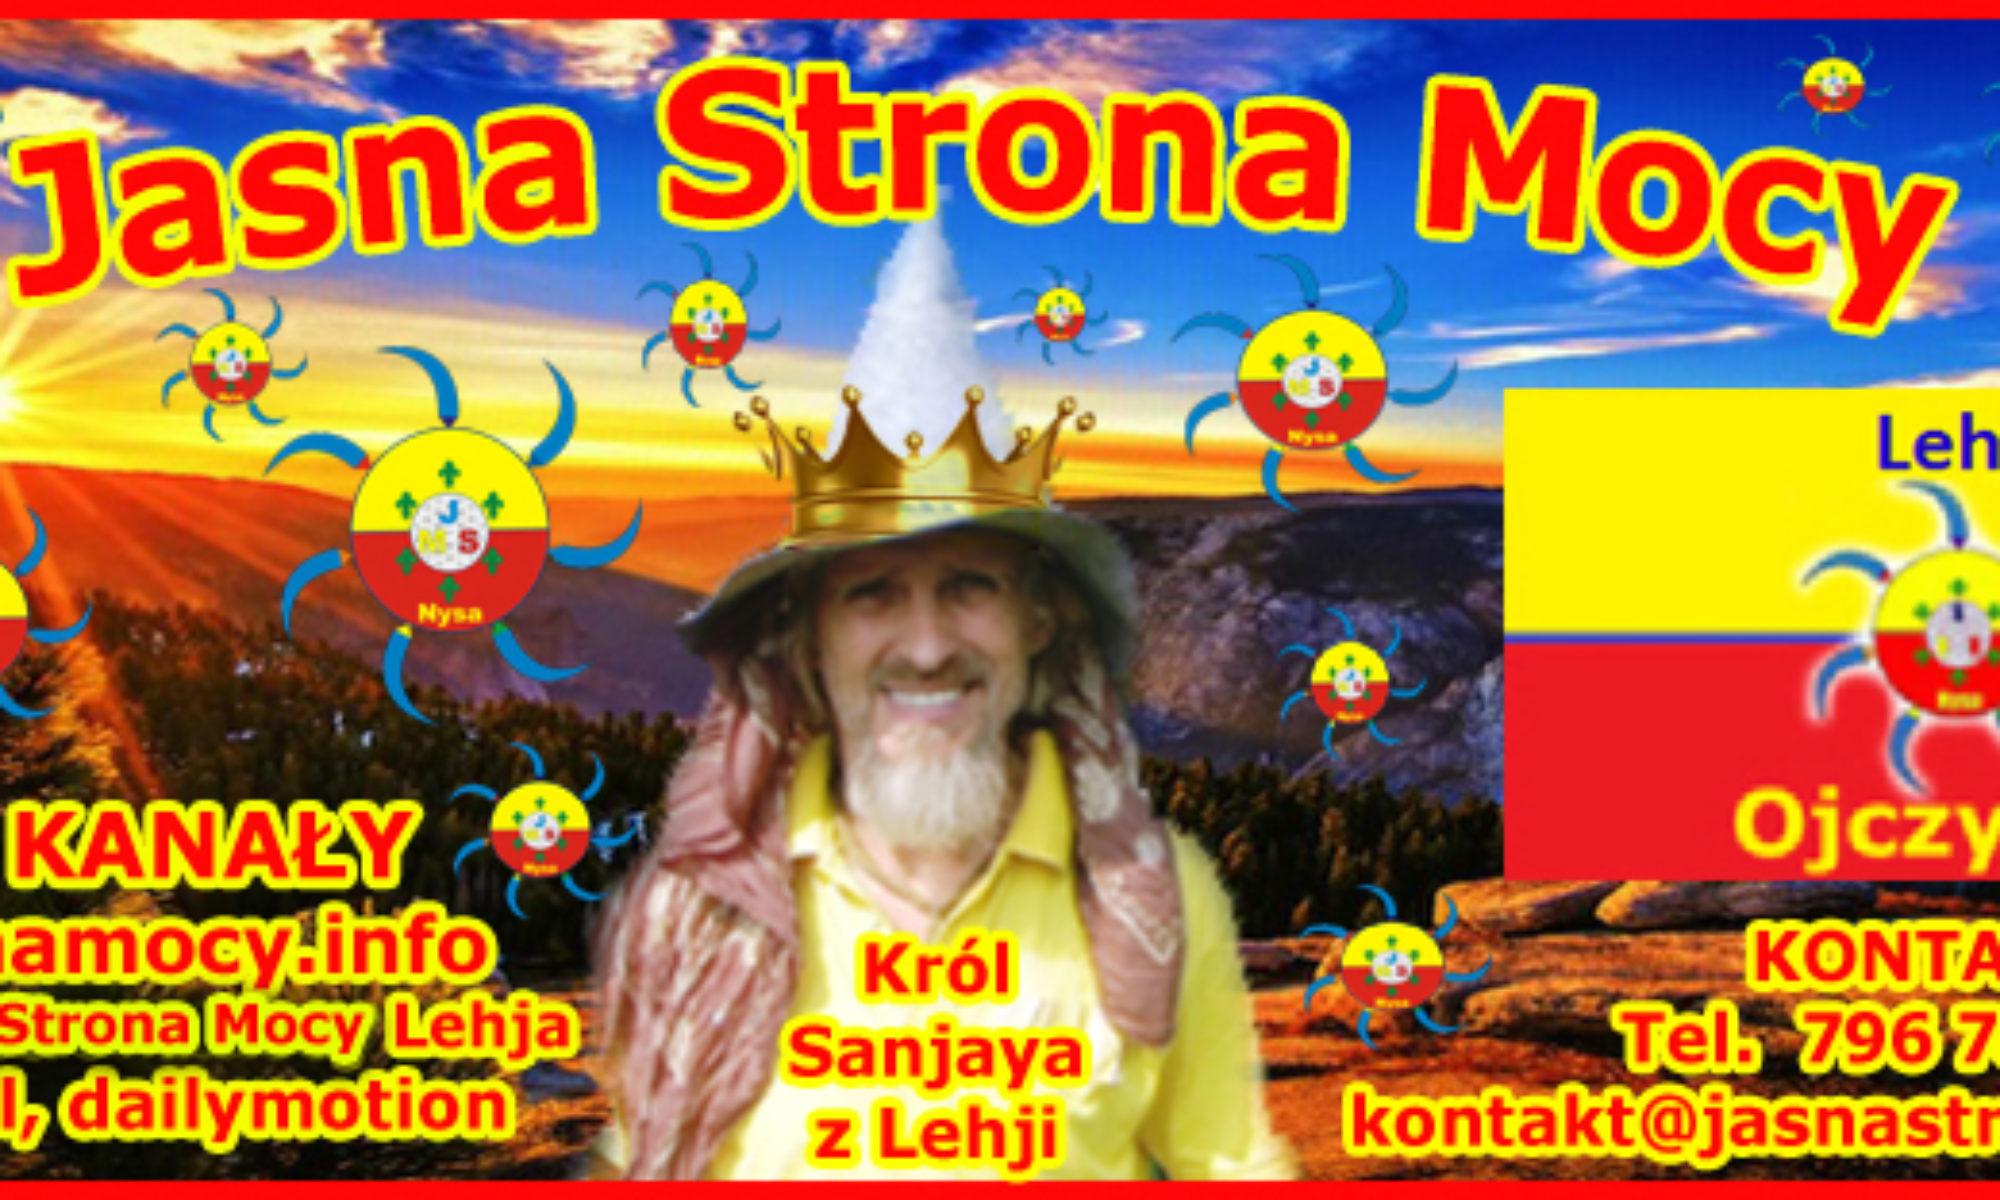 Jasna Strona Mocy info